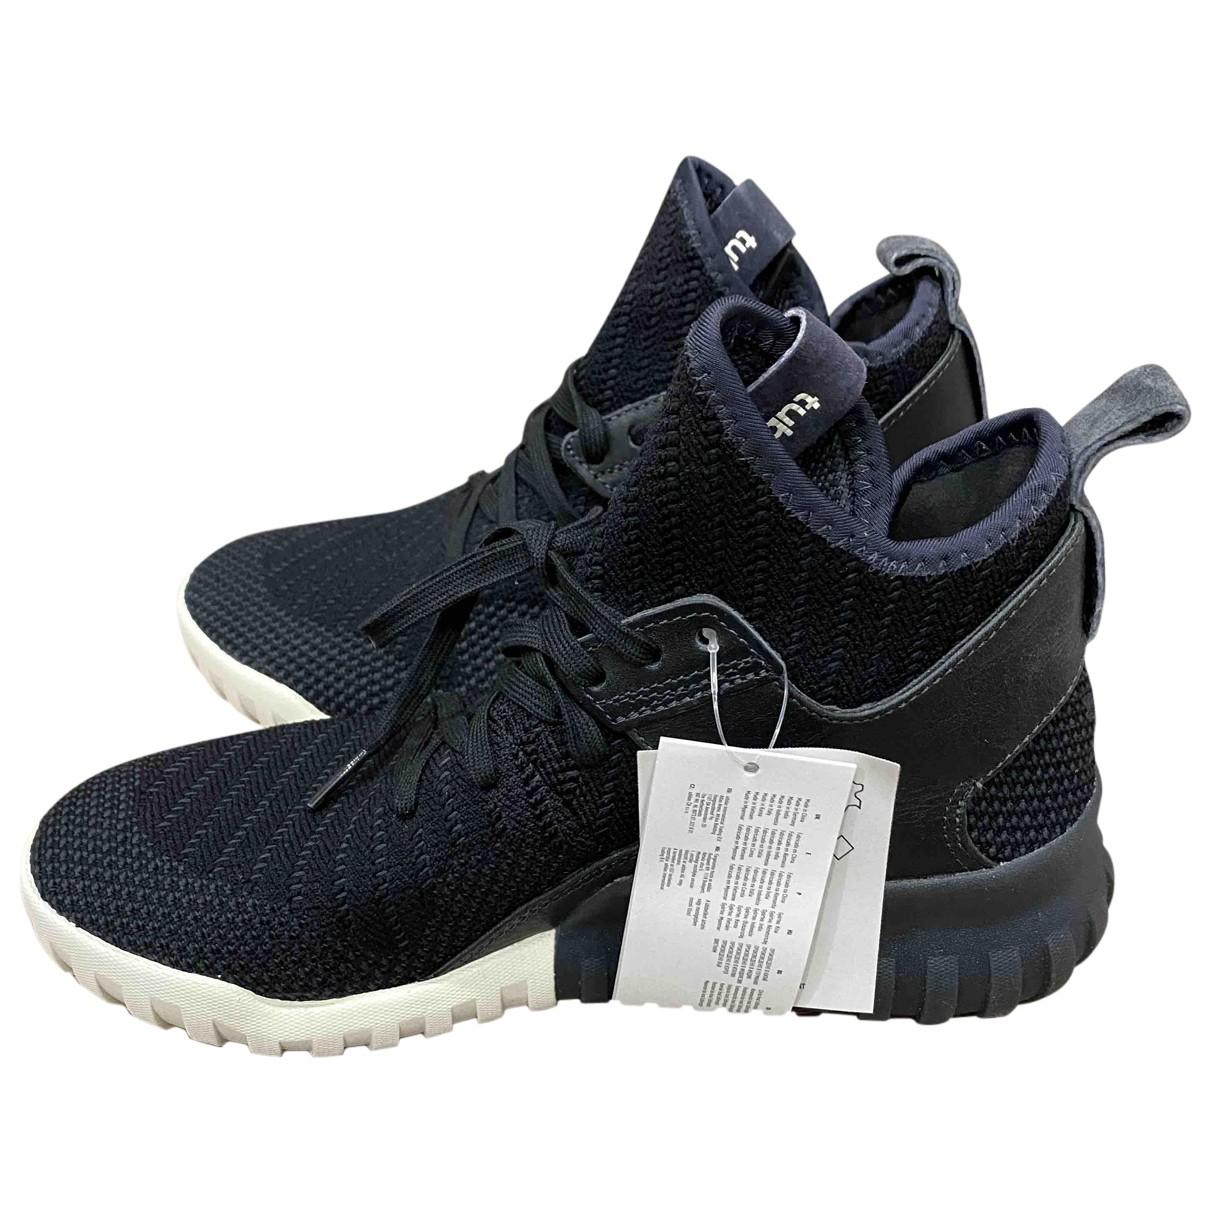 Adidas - Baskets Tubular pour homme en toile - noir